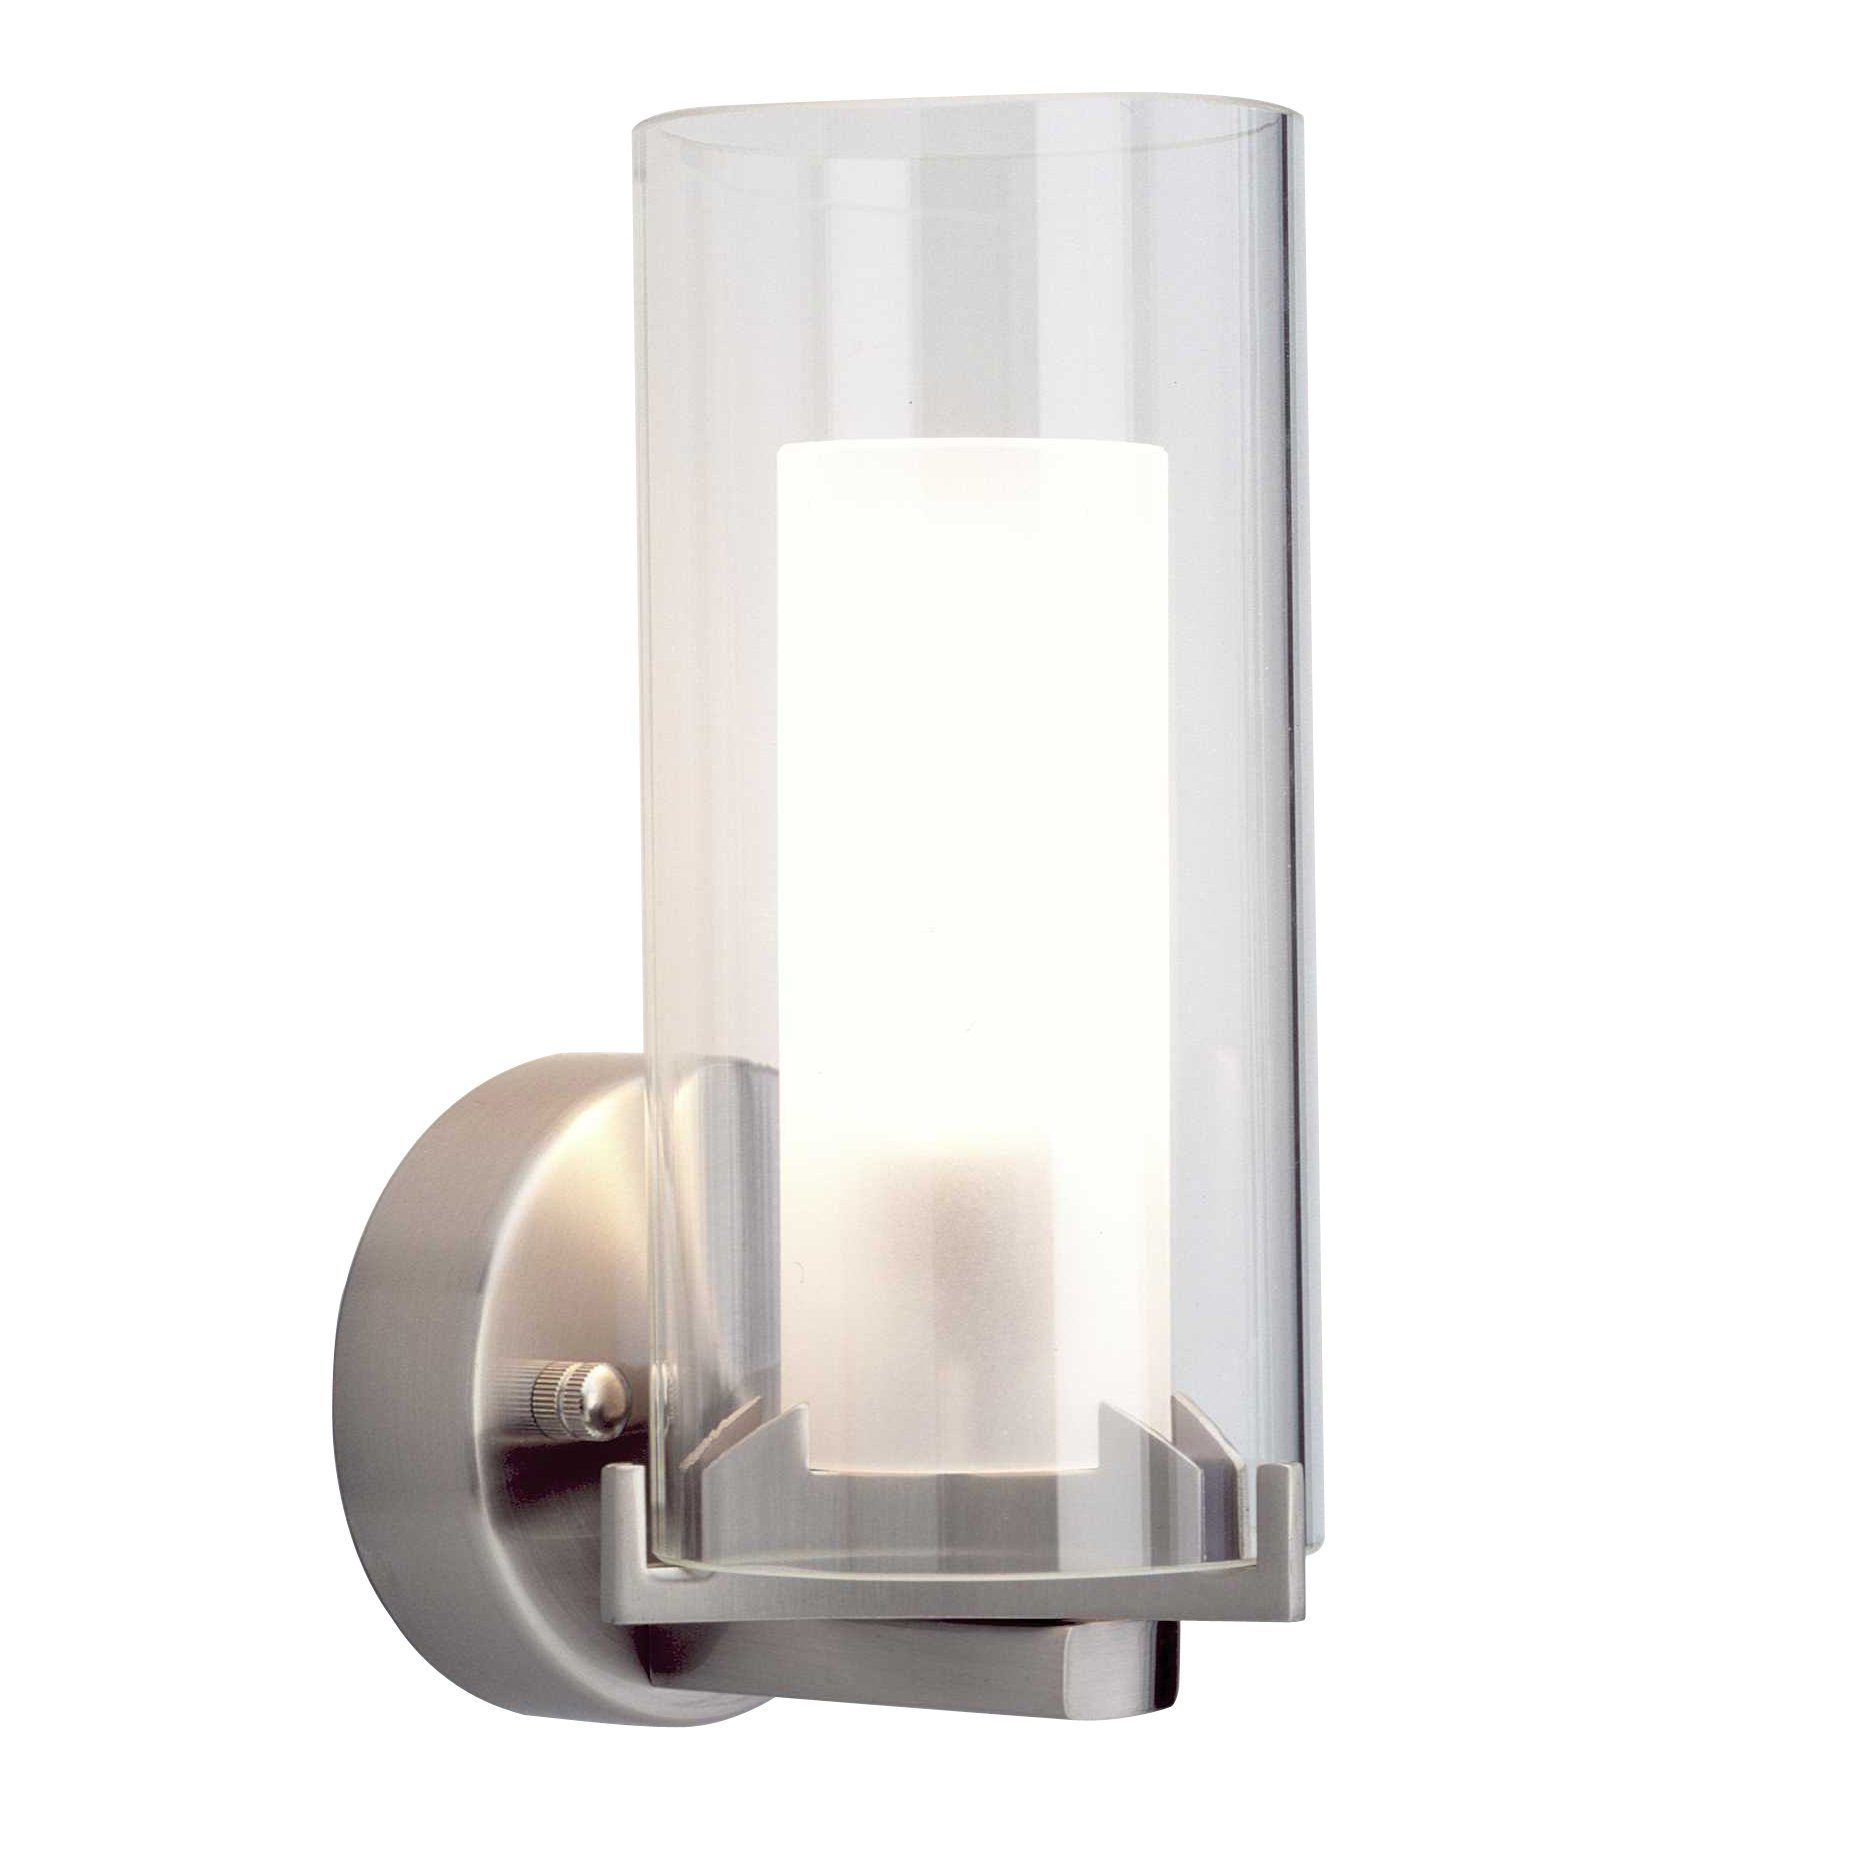 Brilliant Leuchten Adrano Wandleuchte eisen/mattglas